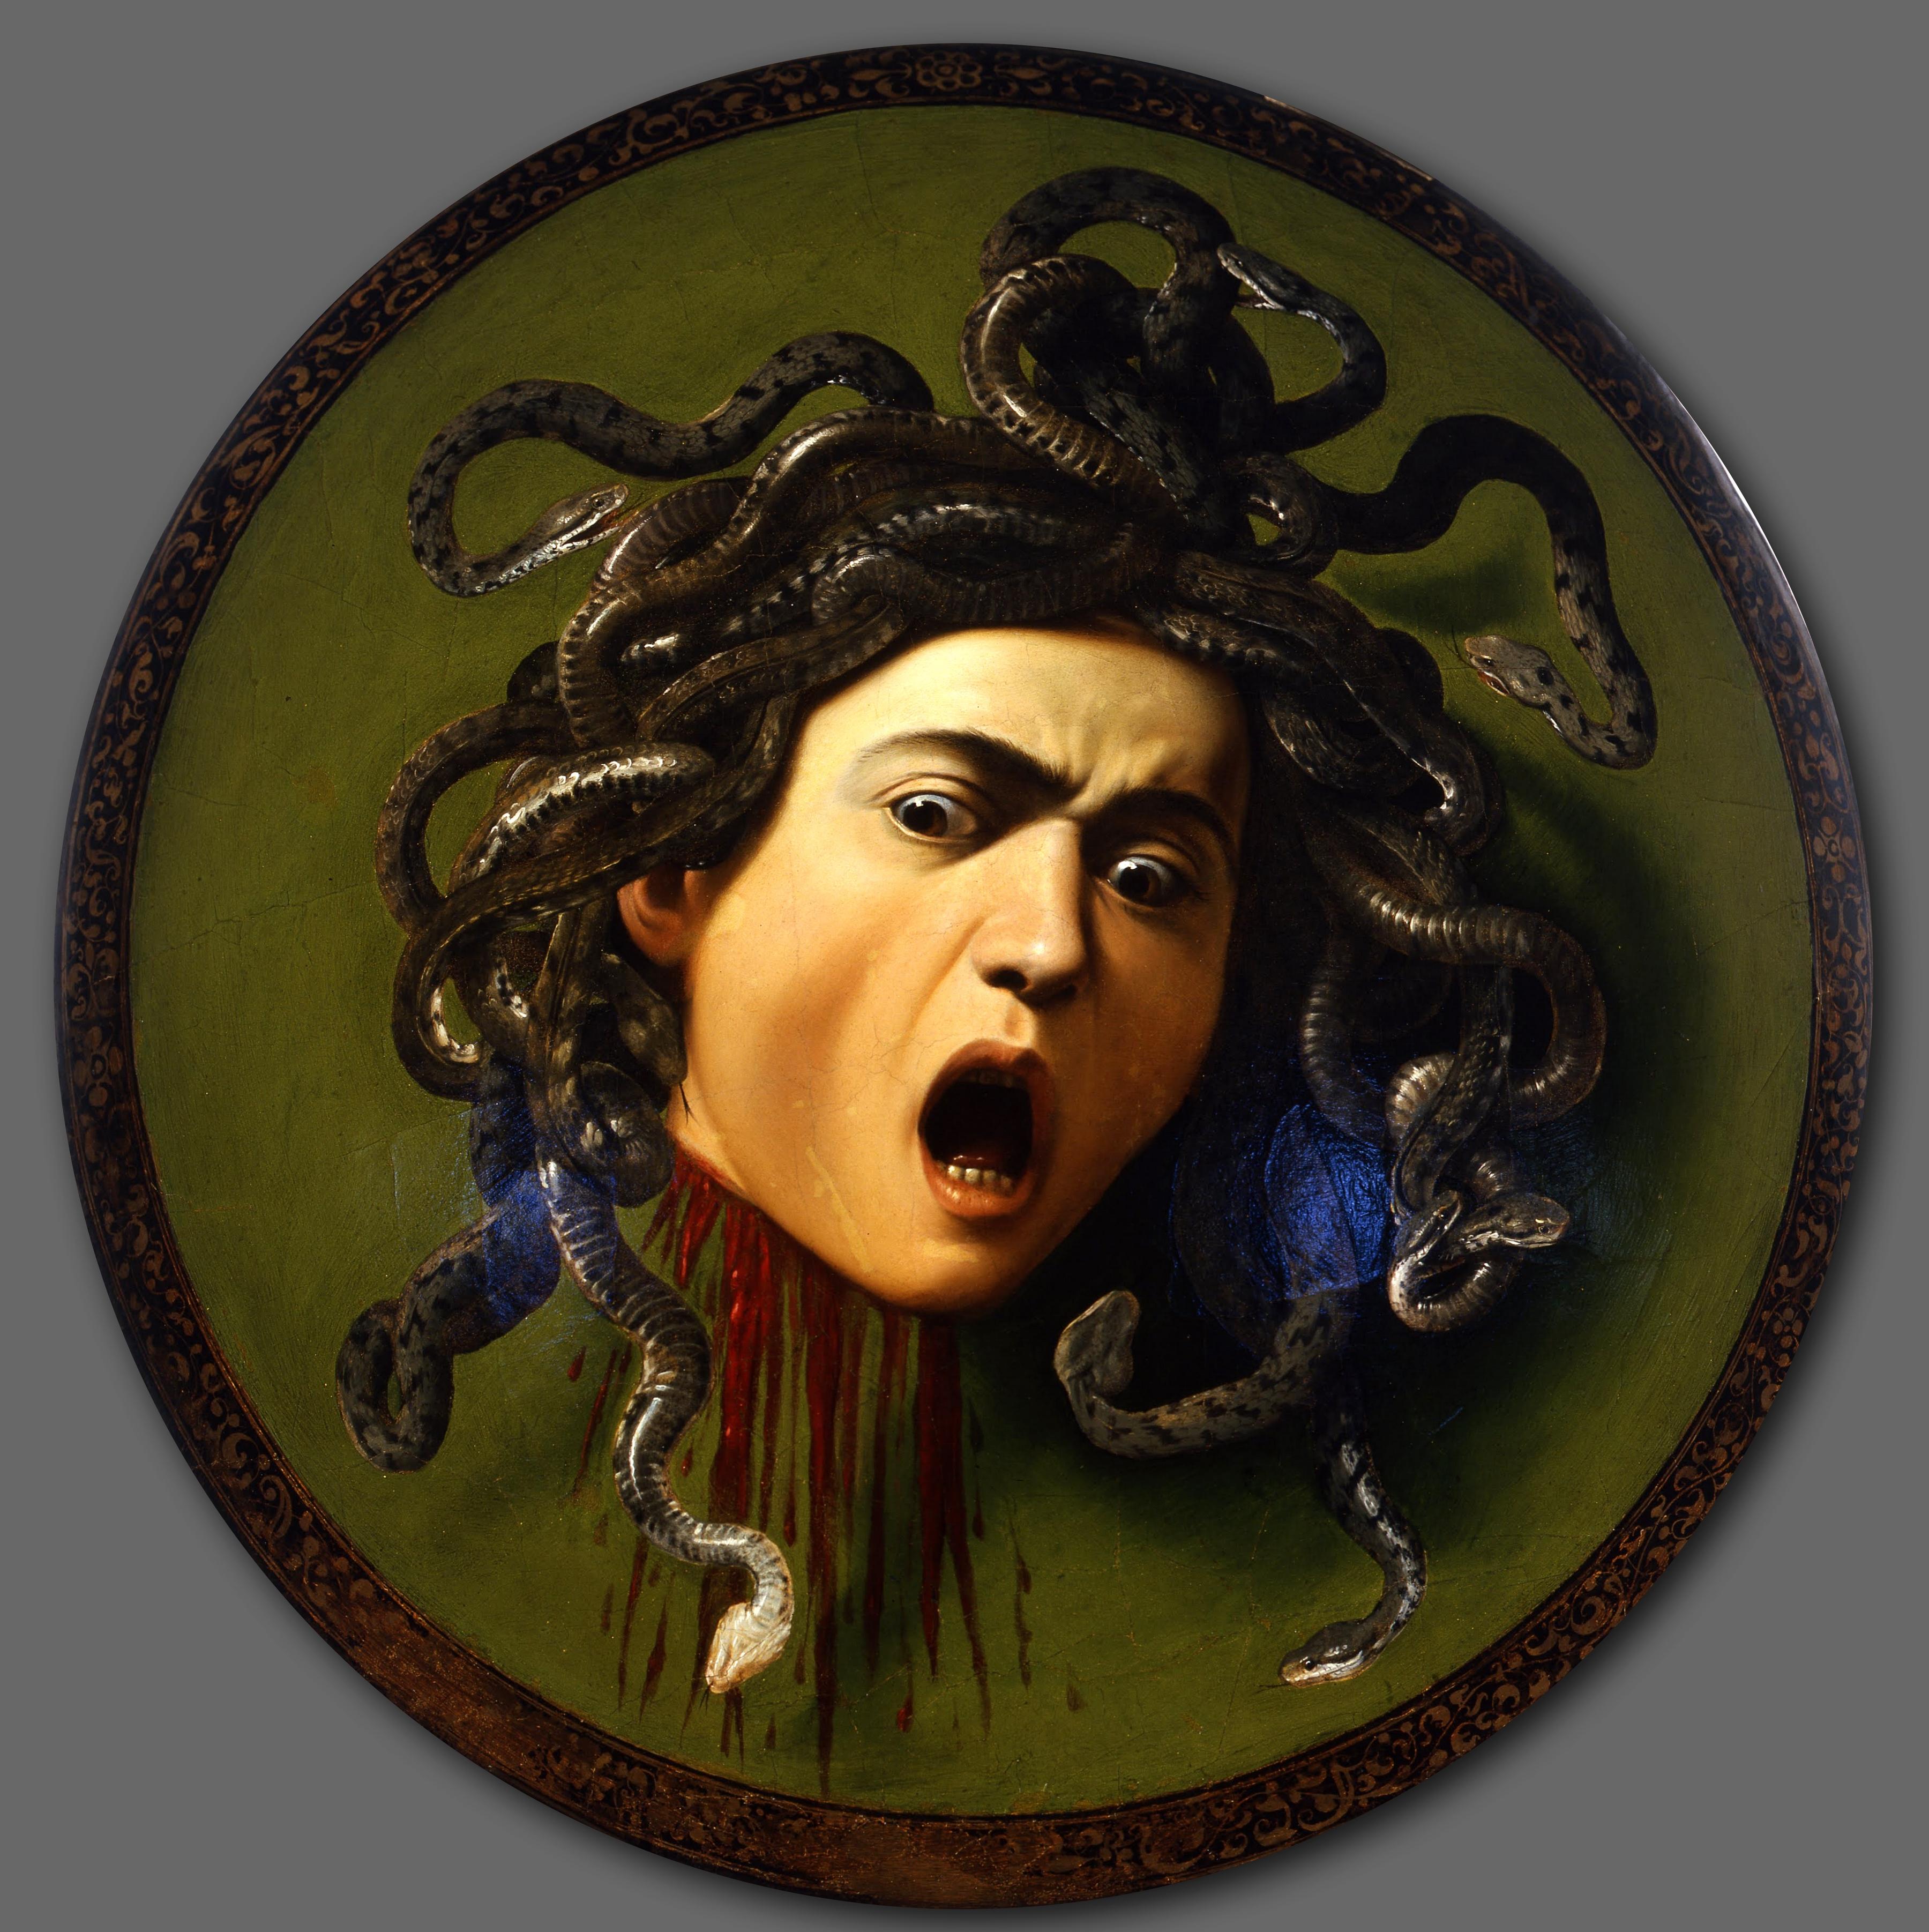 Medusa - Caravaggio - WikiPaintings.org